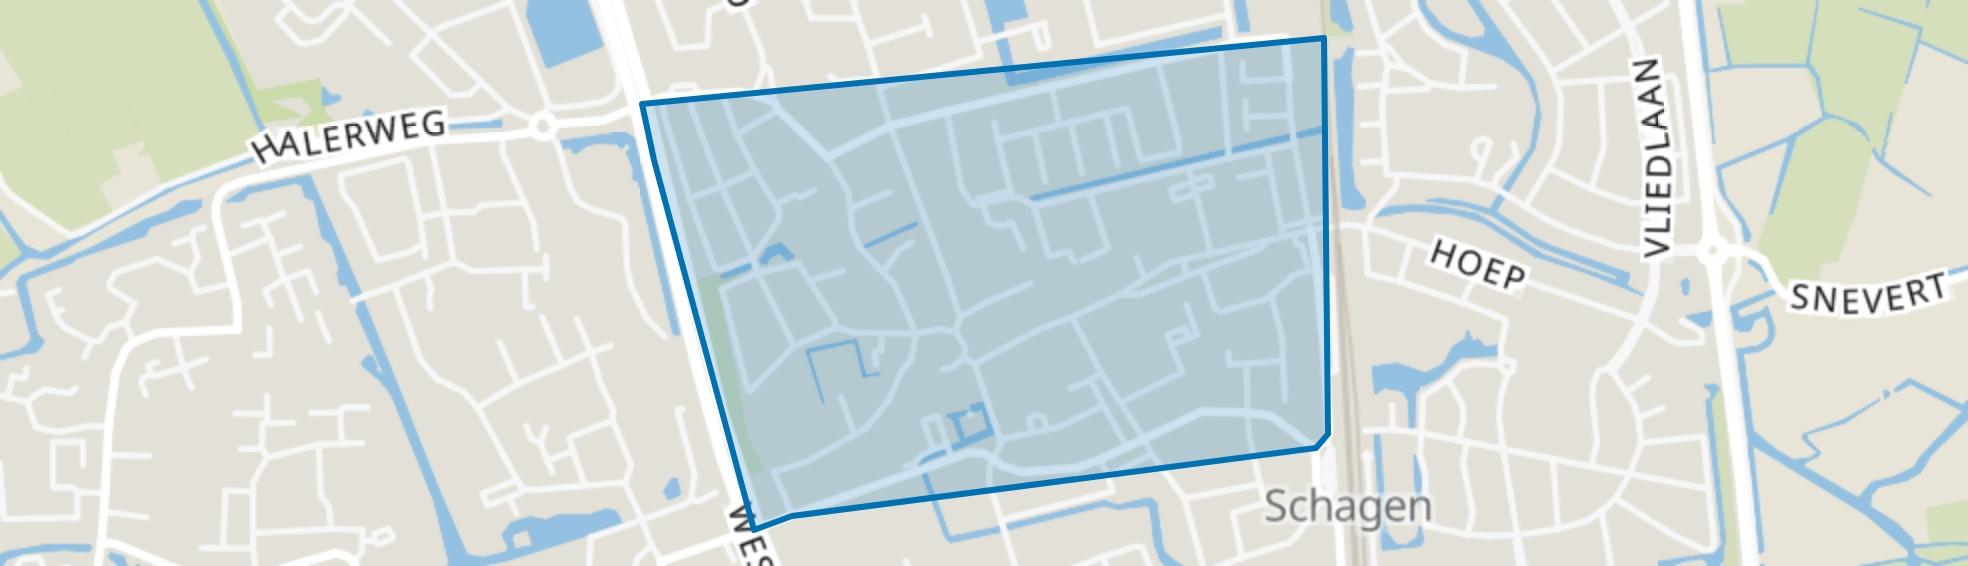 Schagen-Centrum, Schagen map